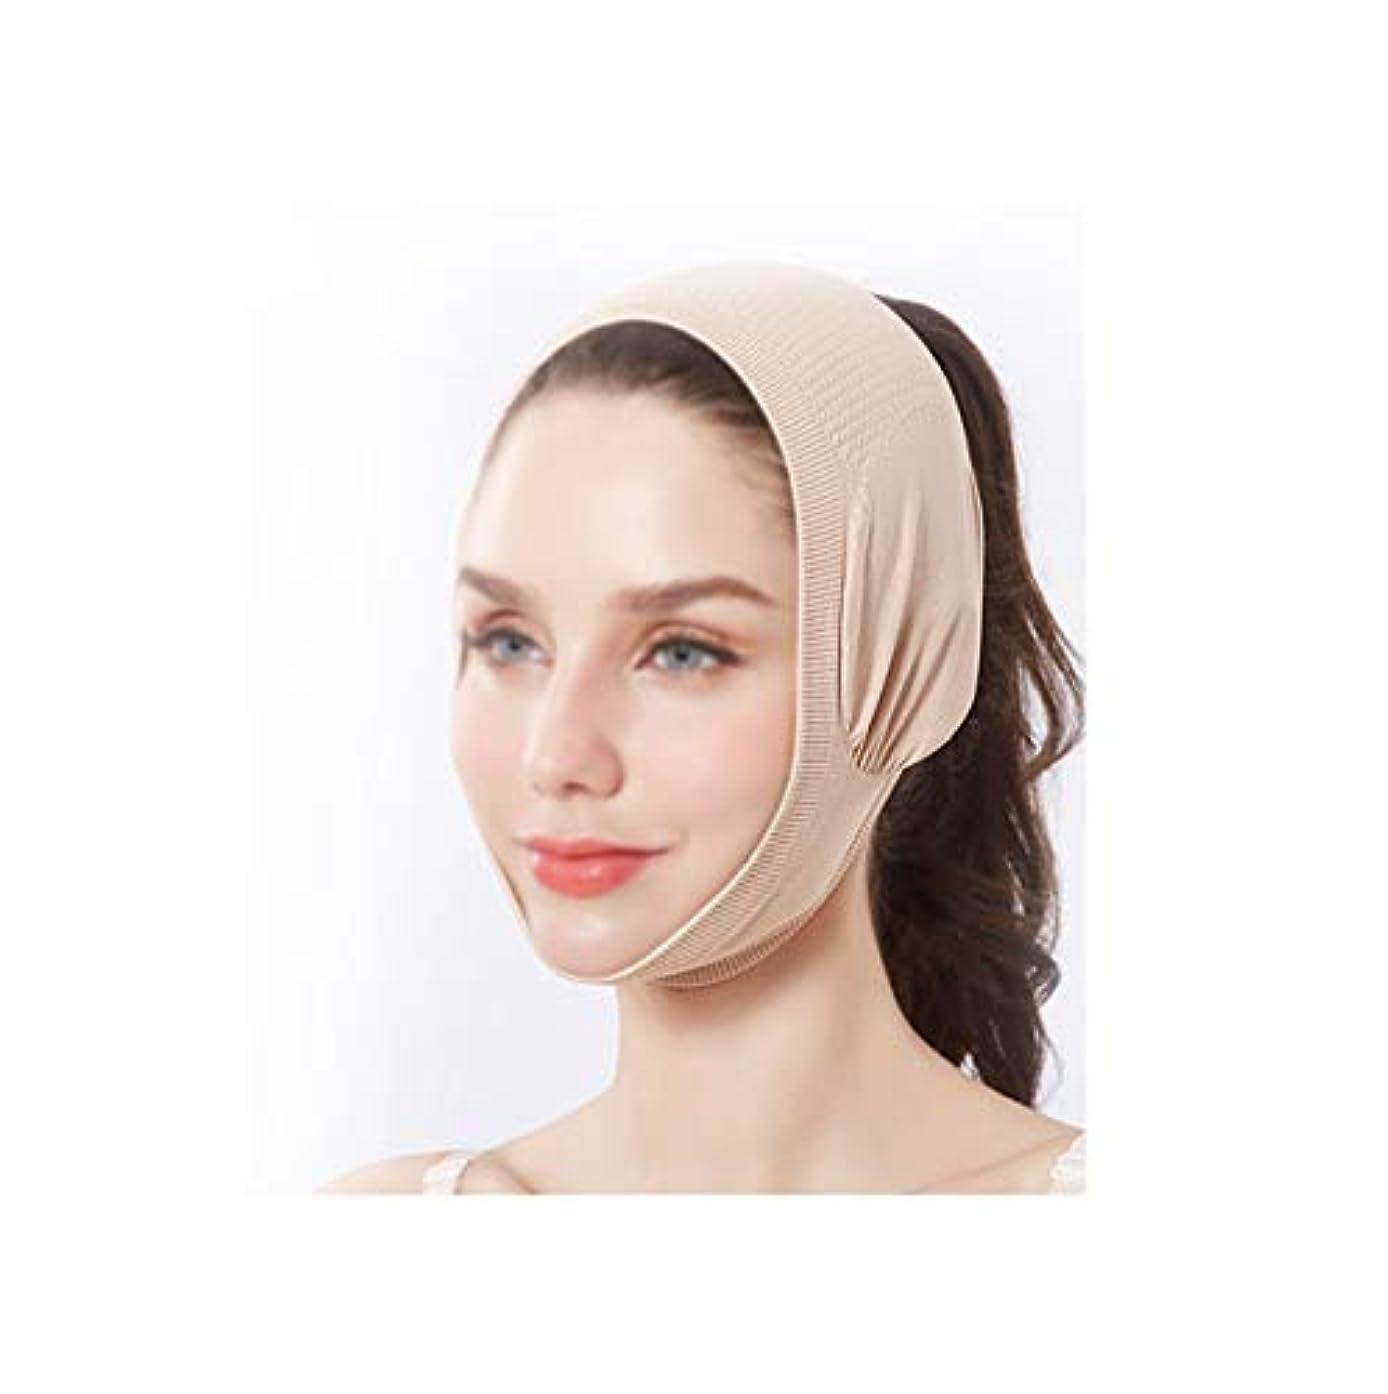 ノイズ入り口定期的にTLMY フェイスリフトマスクマスクエクステンション強度フェースレス包帯フェイシャルラージVライン彫刻フェイシャルバックカバーネックバンド 顔用整形マスク (Color : Skin tone)